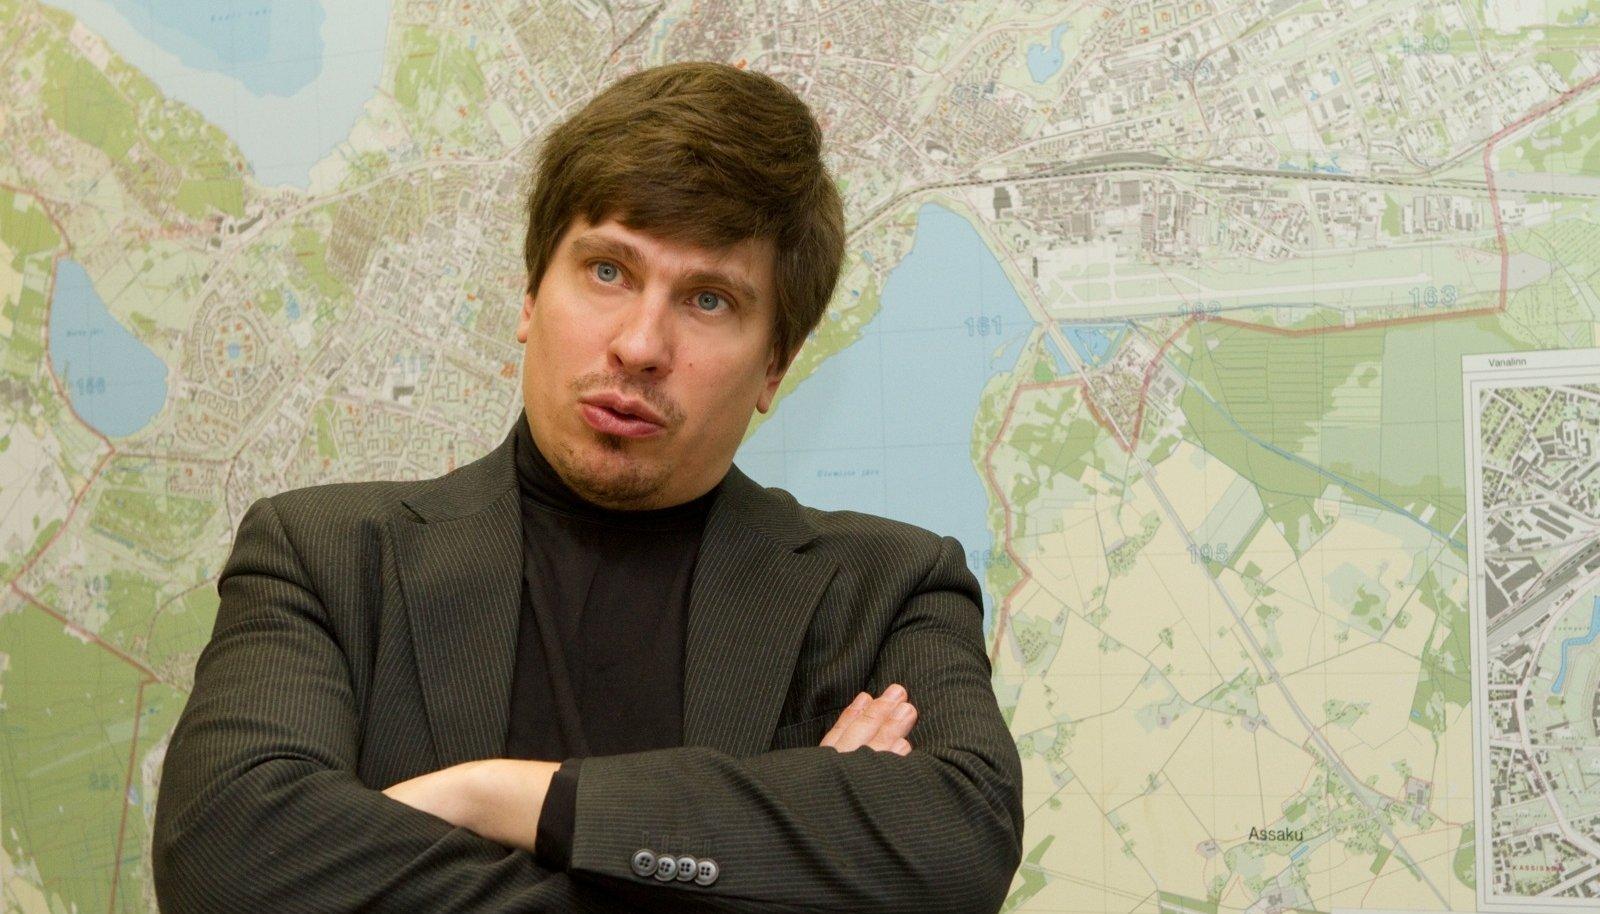 Tallinna linnaarhitekt Endrik Mänd ei pea võistluse tagasipööramist õigeks.